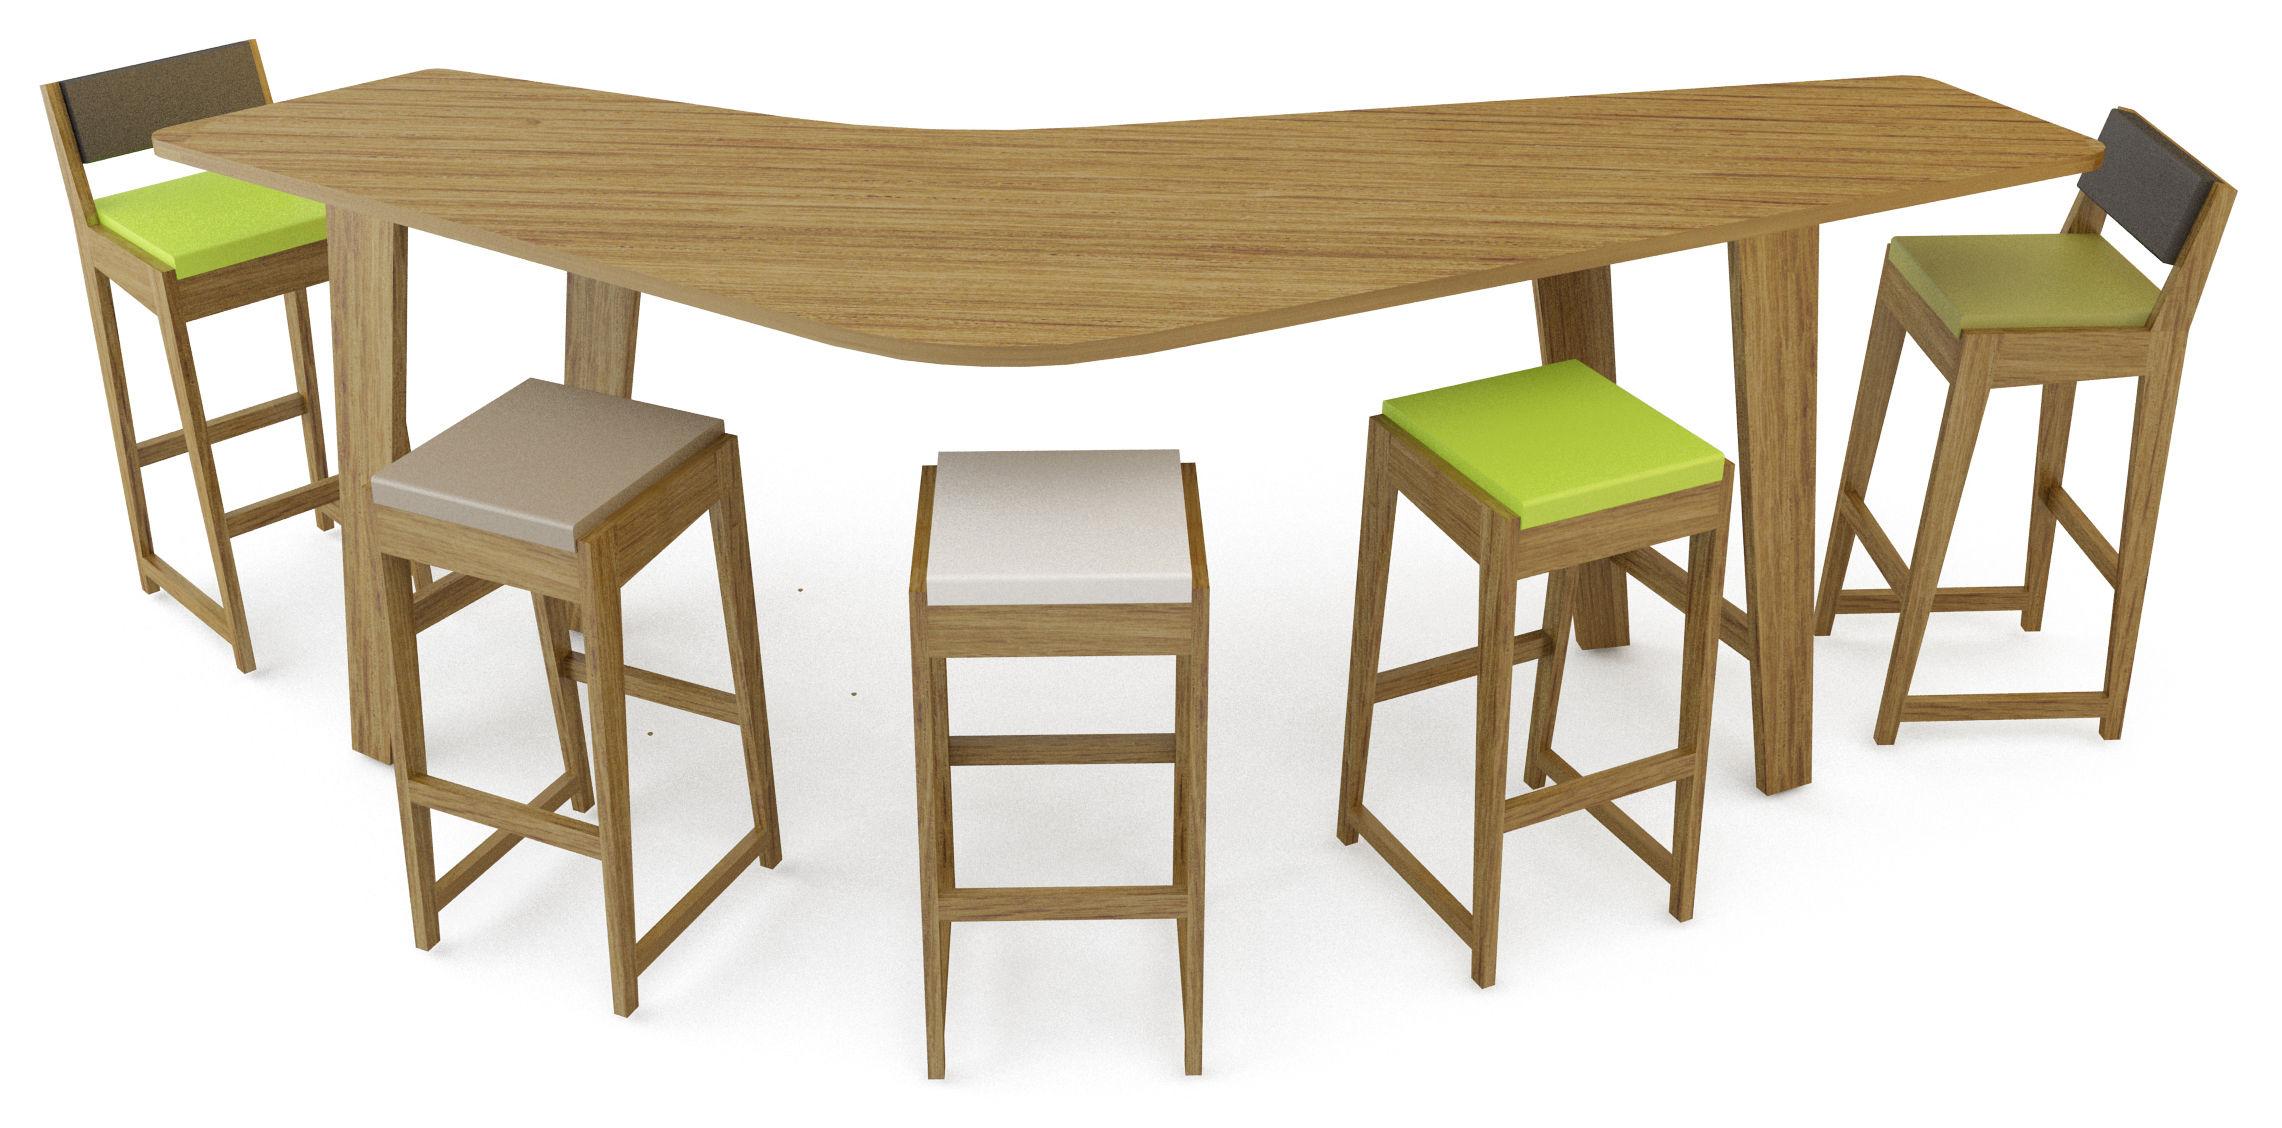 tabouret de bar room 26 h 82 cm bois assise mousse ch ne coussin vert citron quinze. Black Bedroom Furniture Sets. Home Design Ideas